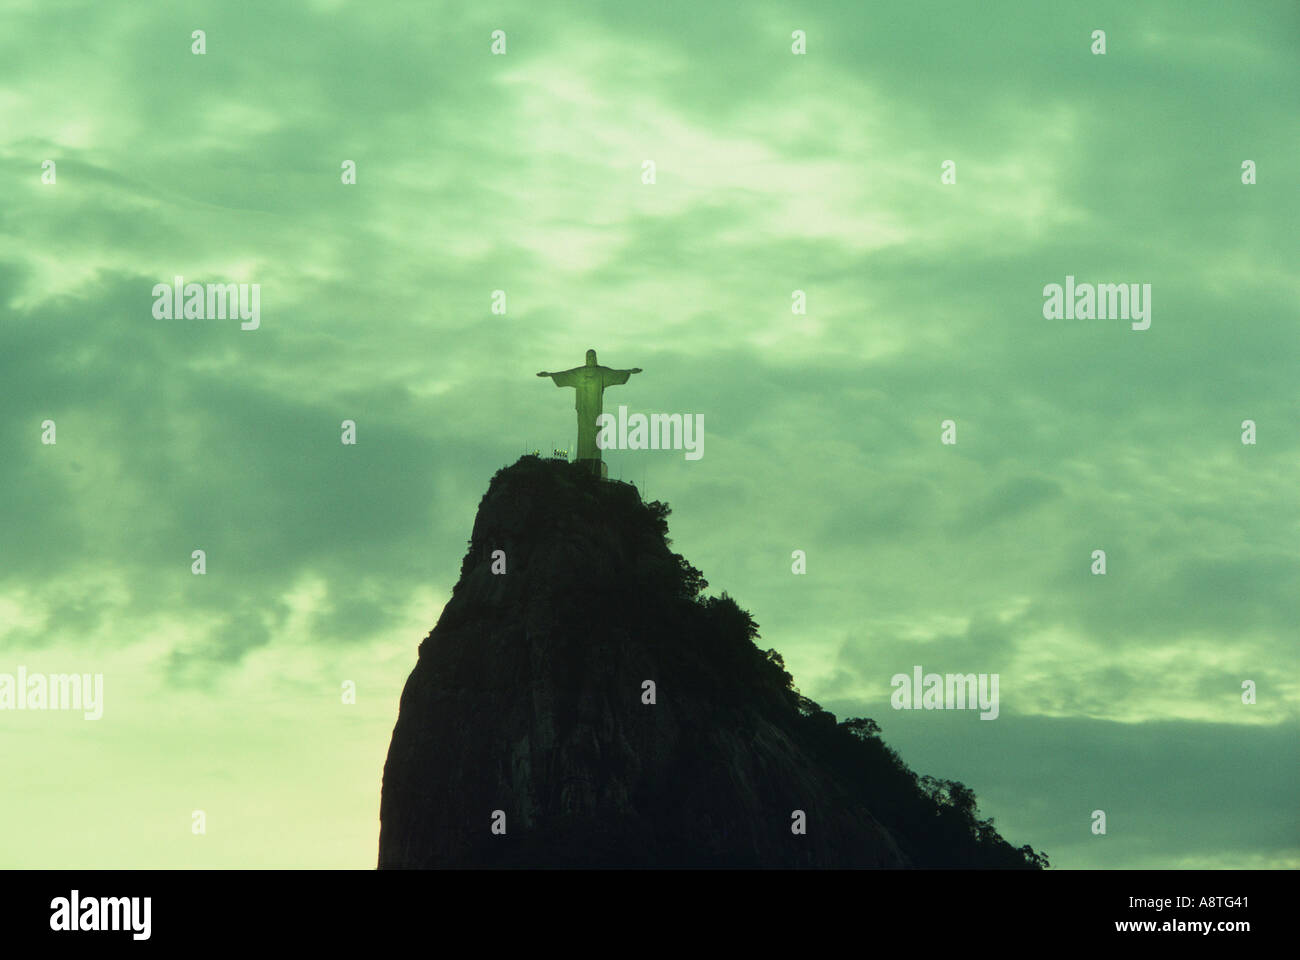 Vue éloignée de la statue du Christ Rédempteur à Sugarloaf Mountain sur Corcovado à Rio de Janeiro Brésil Banque D'Images